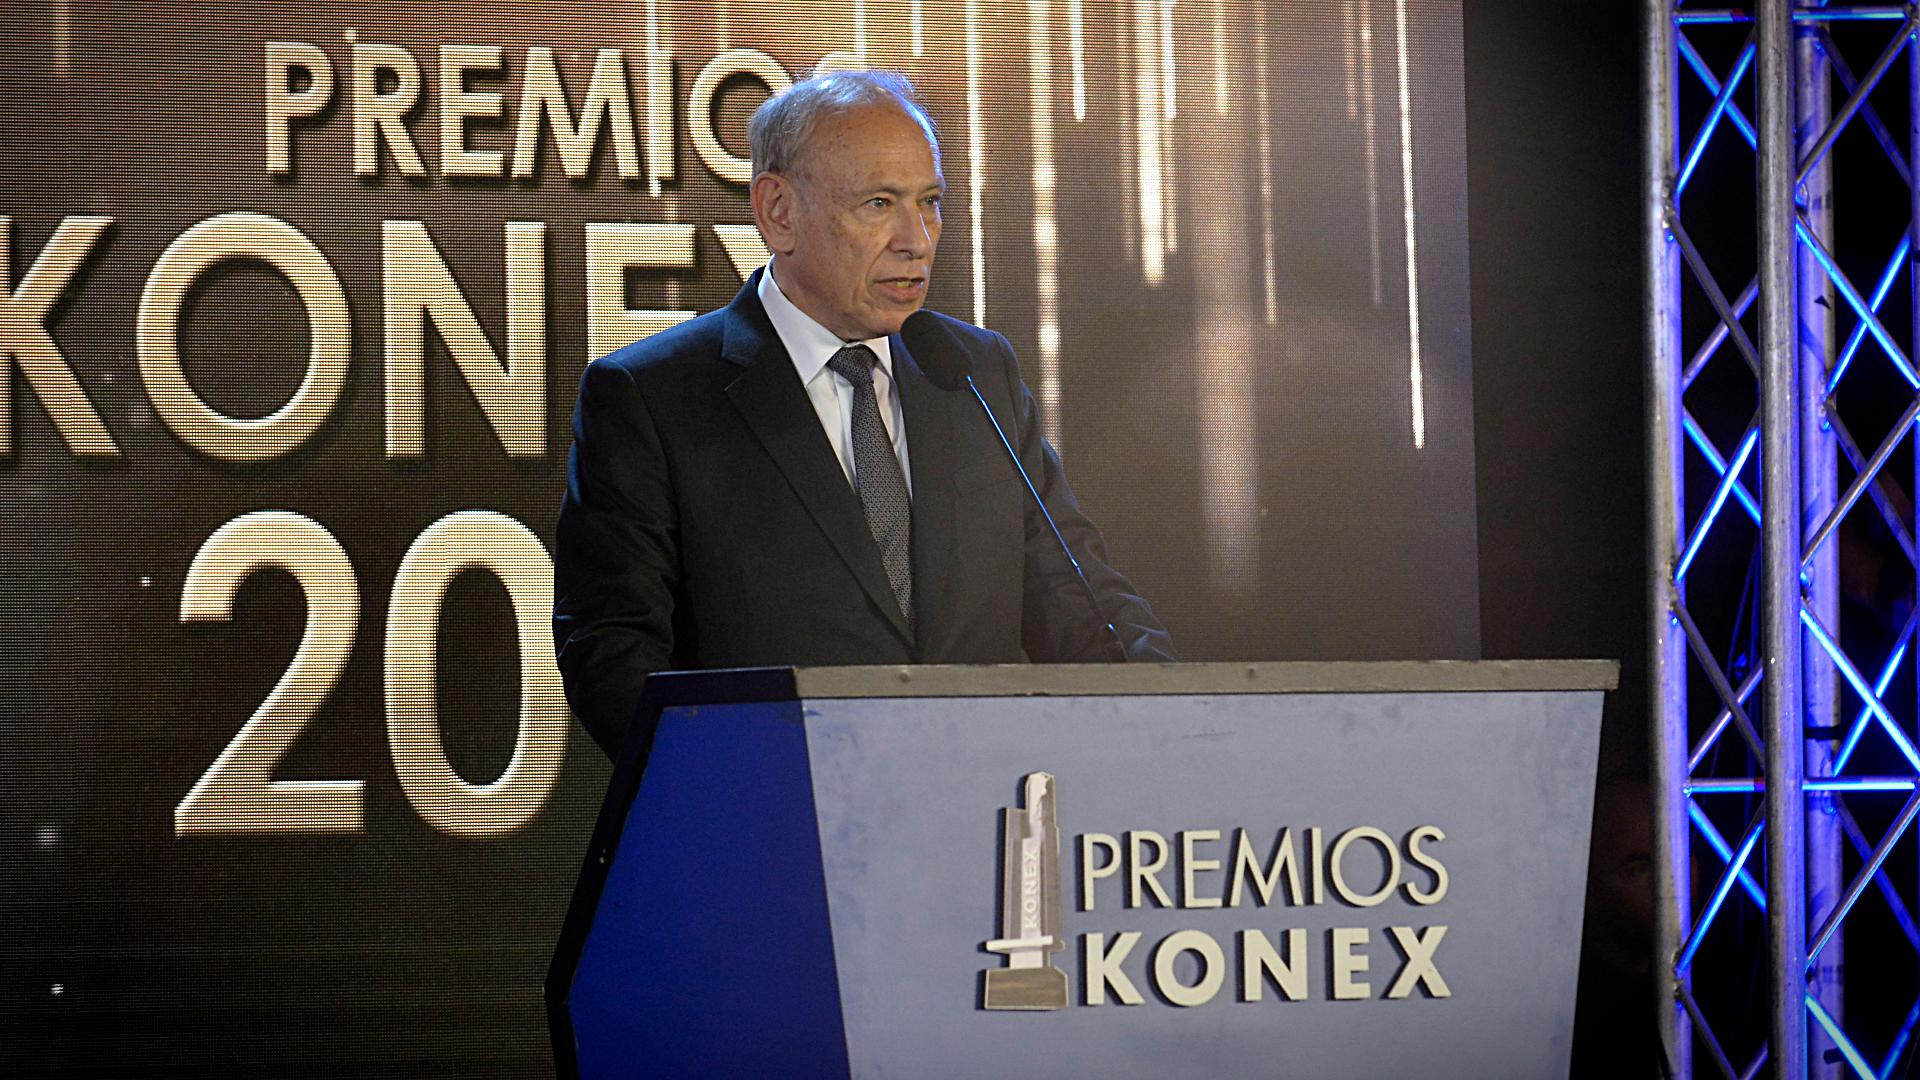 """El presidente de la fundación Konex, Luis Ovsejevich, abrió la ceremonia con un discurso de agradecimiento: """"El aporte a la creación y difusión de la música clásica, de los cuales sentimos orgullo, constituyen una importante contribución al patrimonio cultural del país"""""""